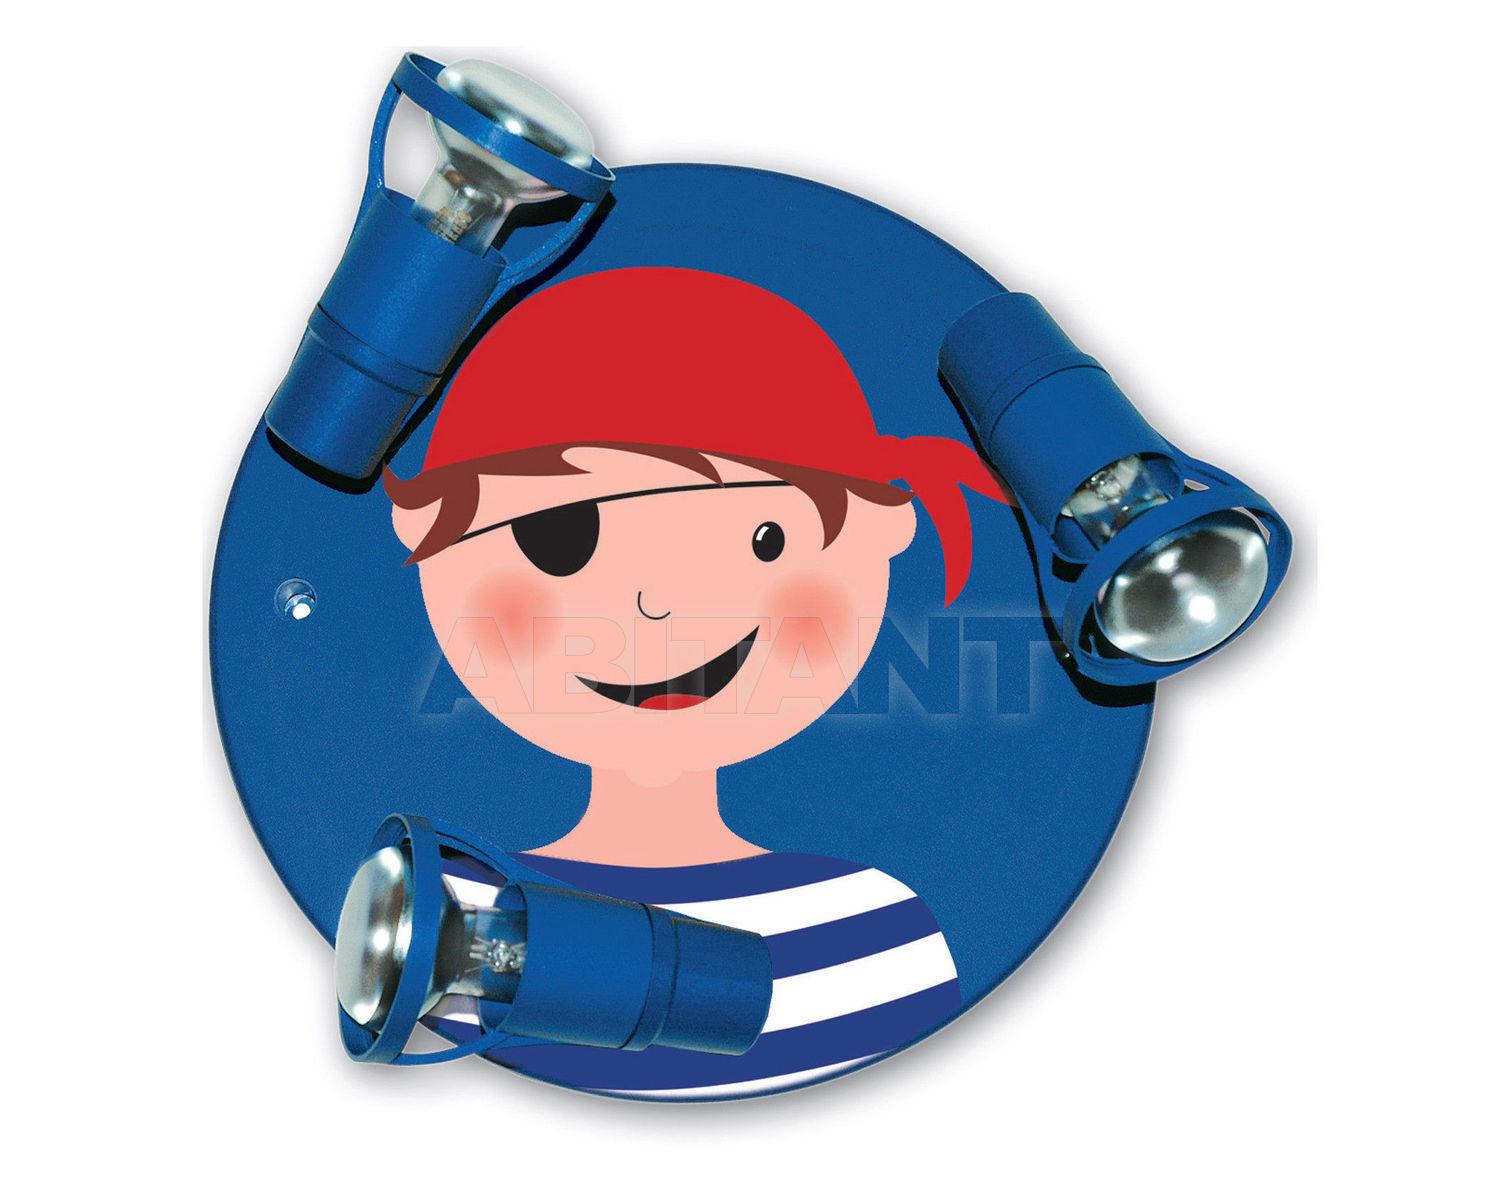 Купить Светильник для детской  Waldi Leuchten Lampen Fur Kinder 2012 65256.0